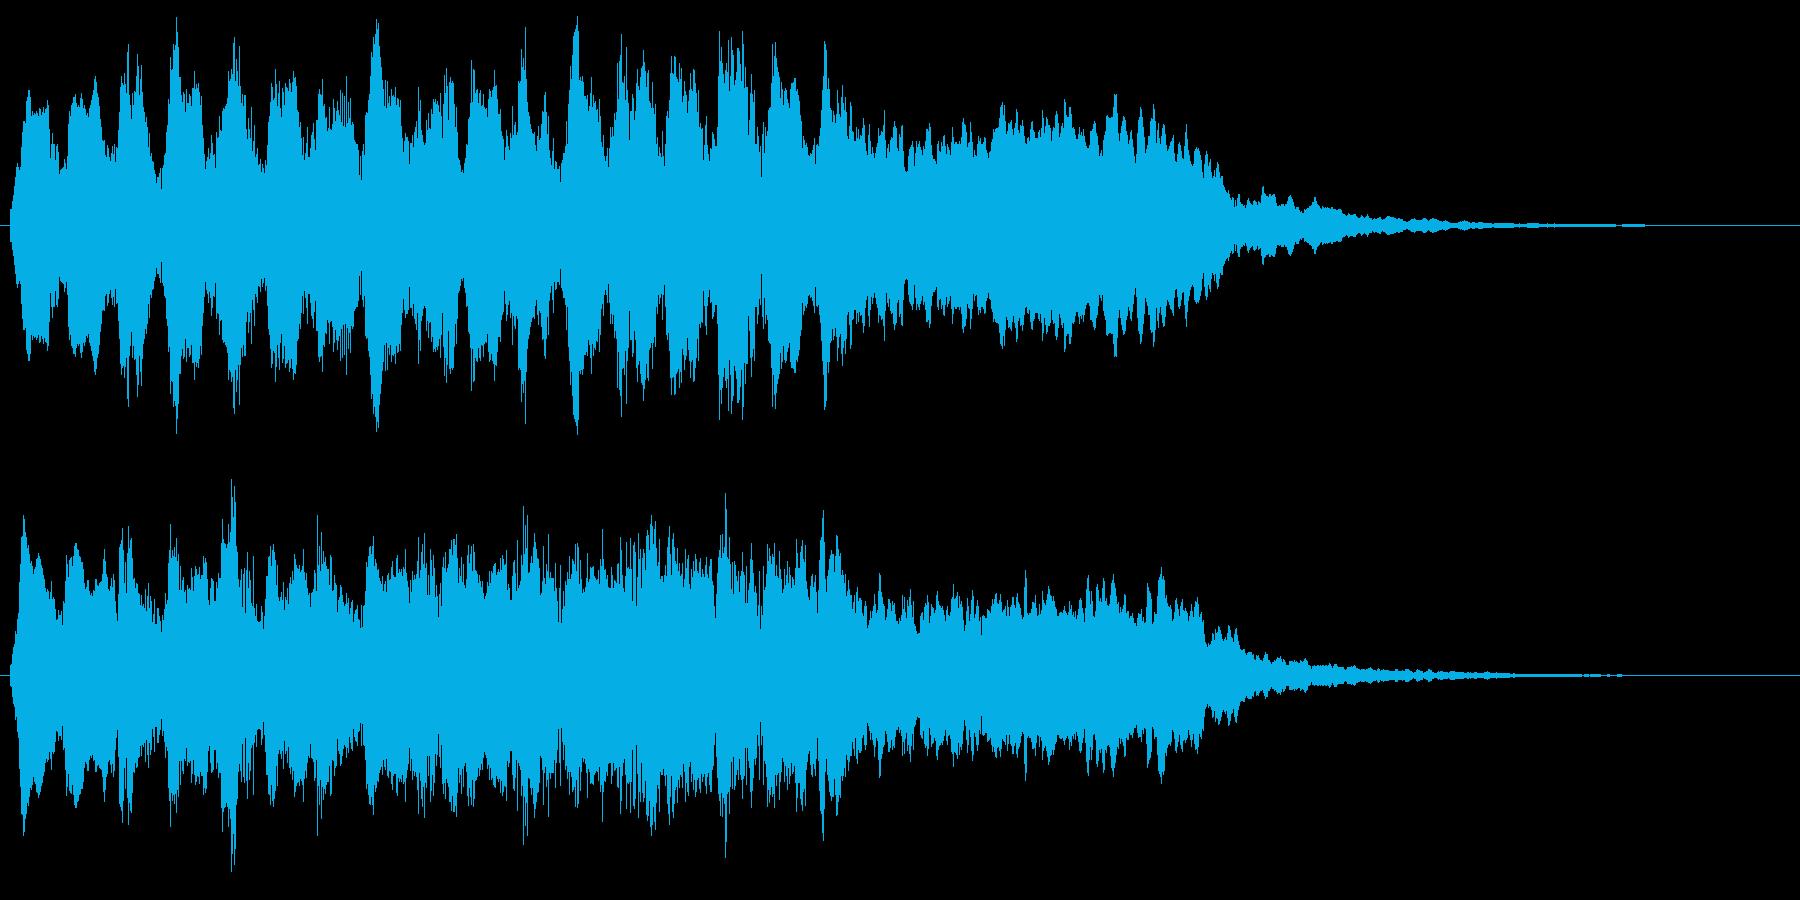 バイオリンのクラシカルなフレーズの転回音の再生済みの波形